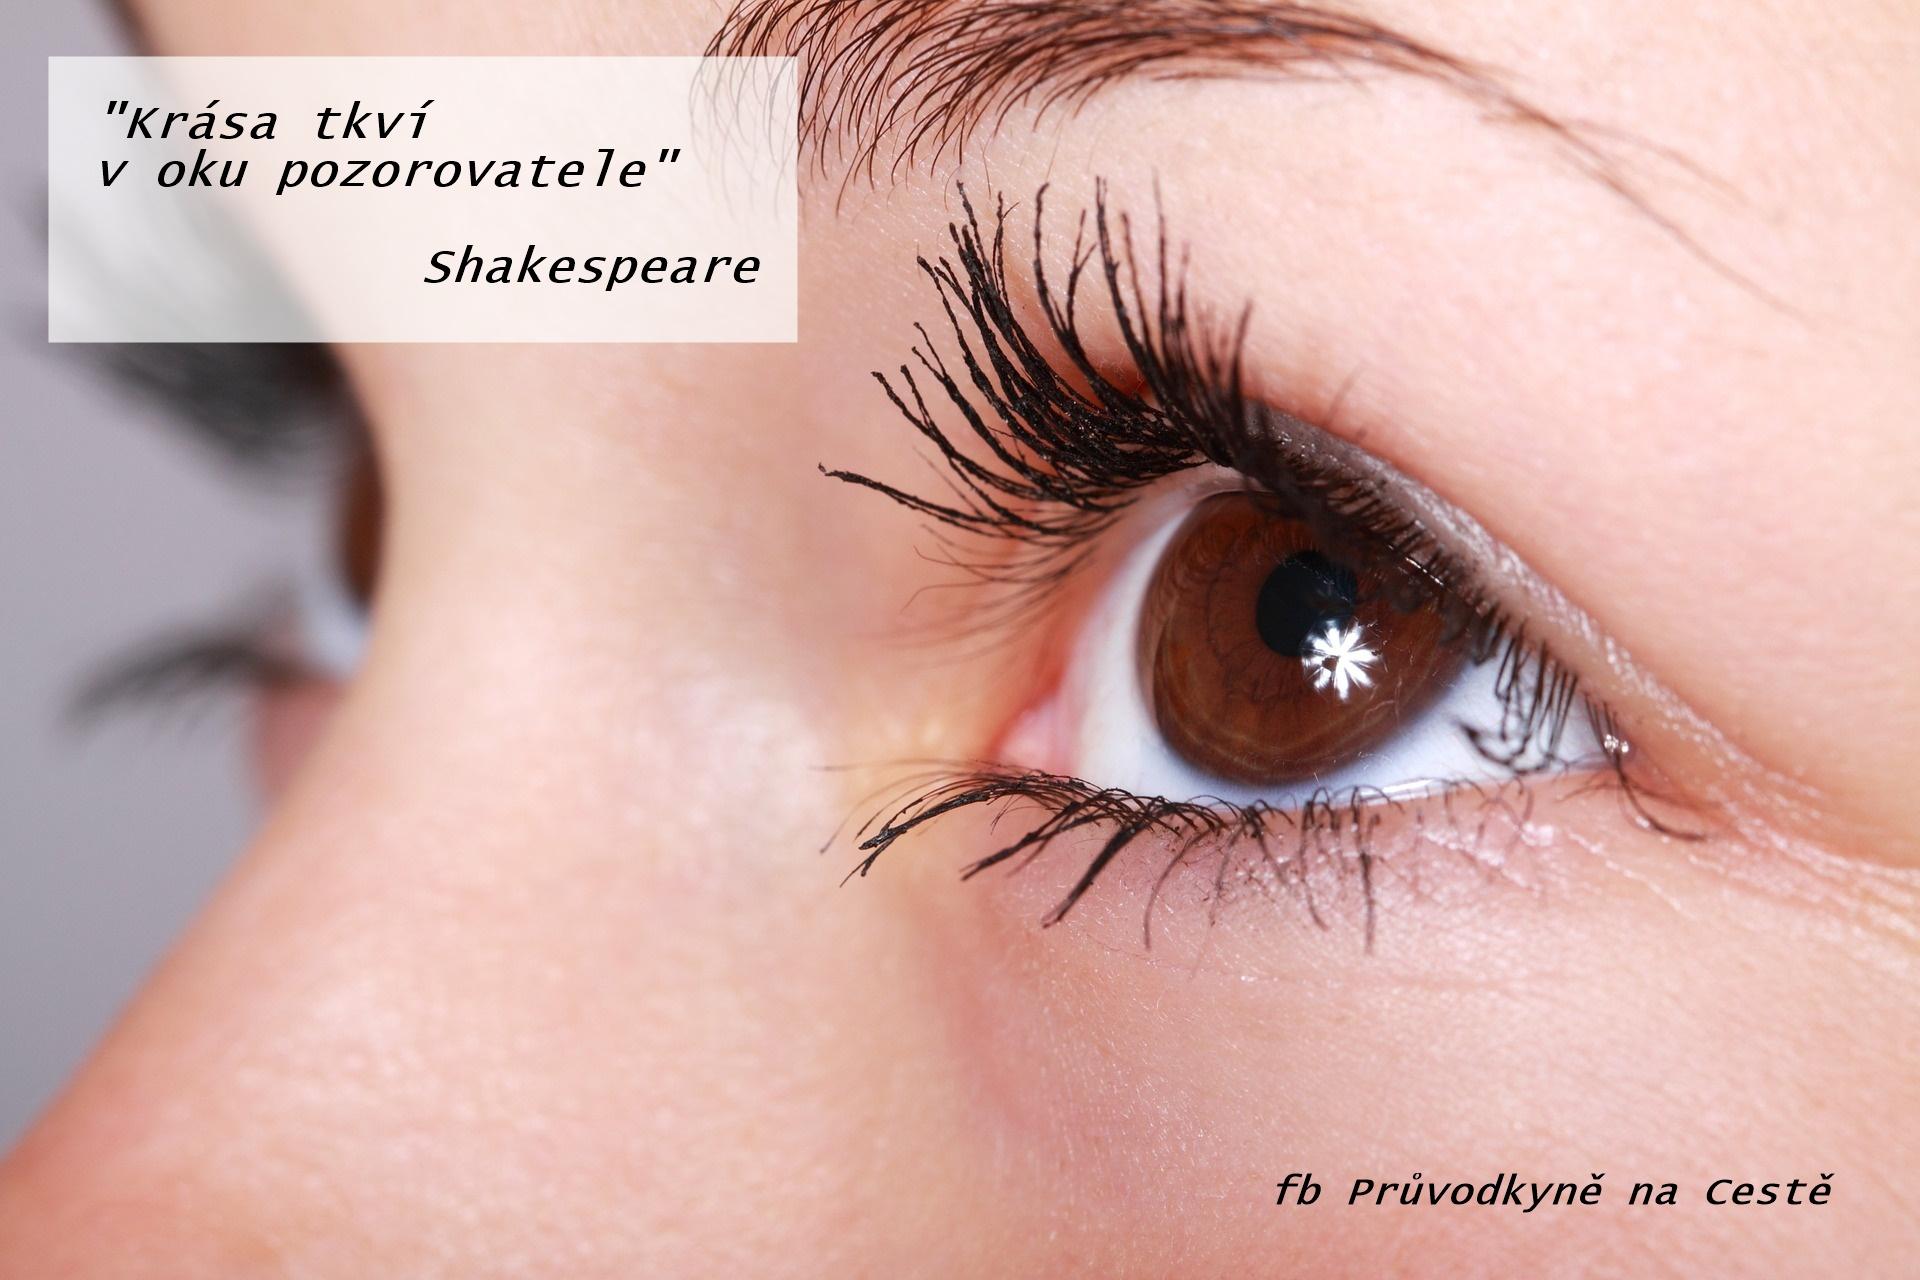 krása je v oku pozorovatele